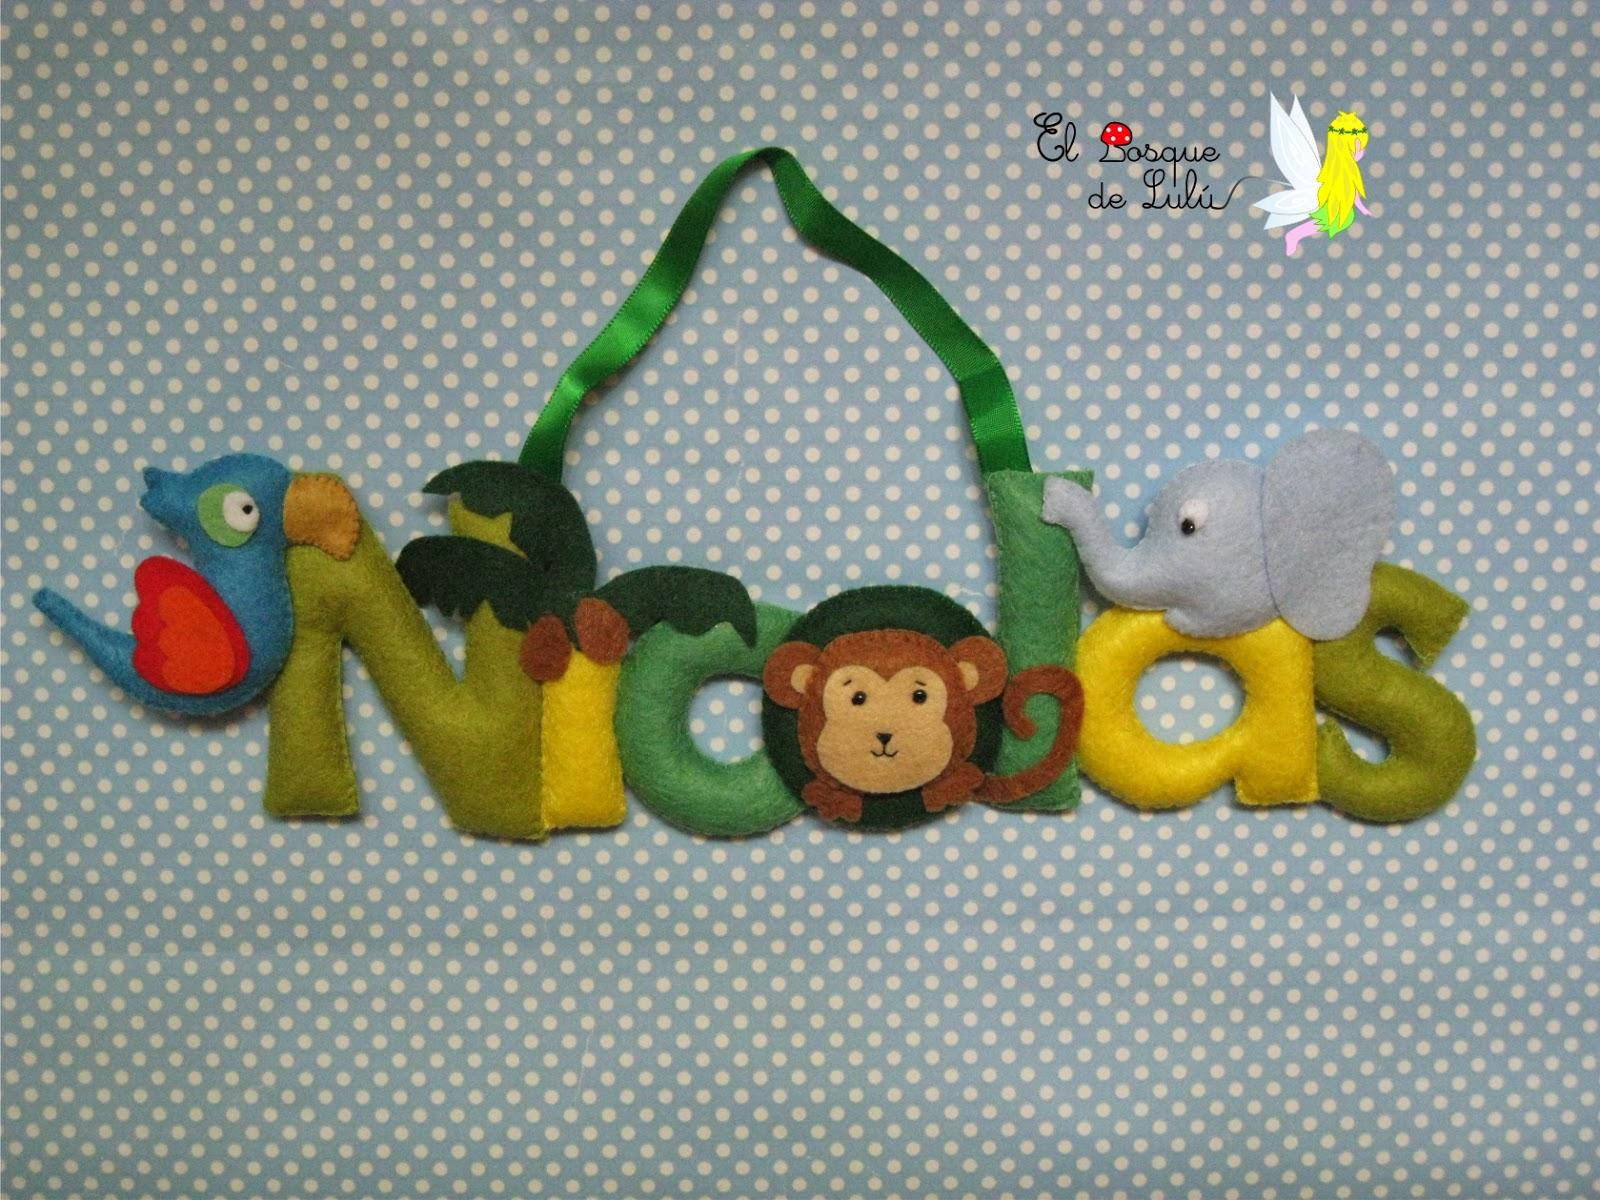 nombre-decorativo-fieltro-nicolas-animales-selva-detalle-nacimiento-infantil